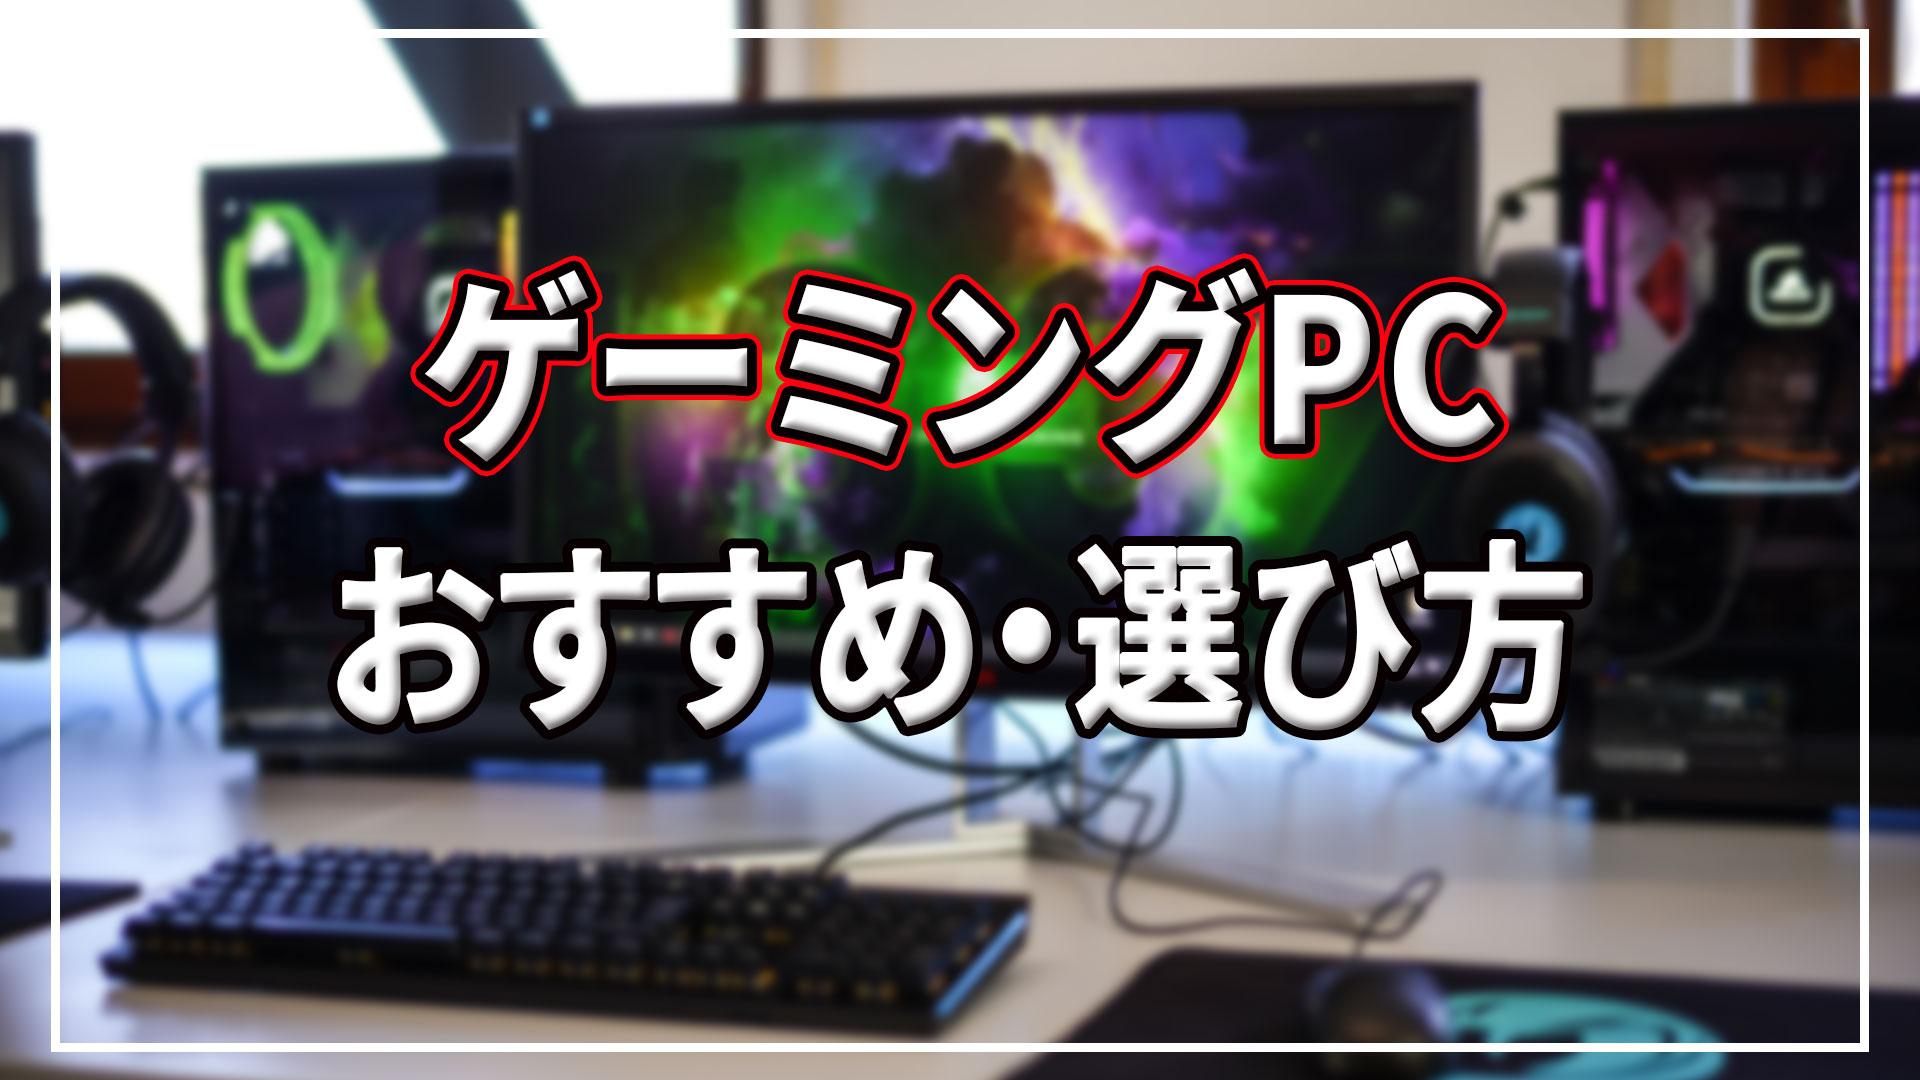 ゲーミングPC初心者にオススメの格安~高性能スペックと選び方【2021最新版】